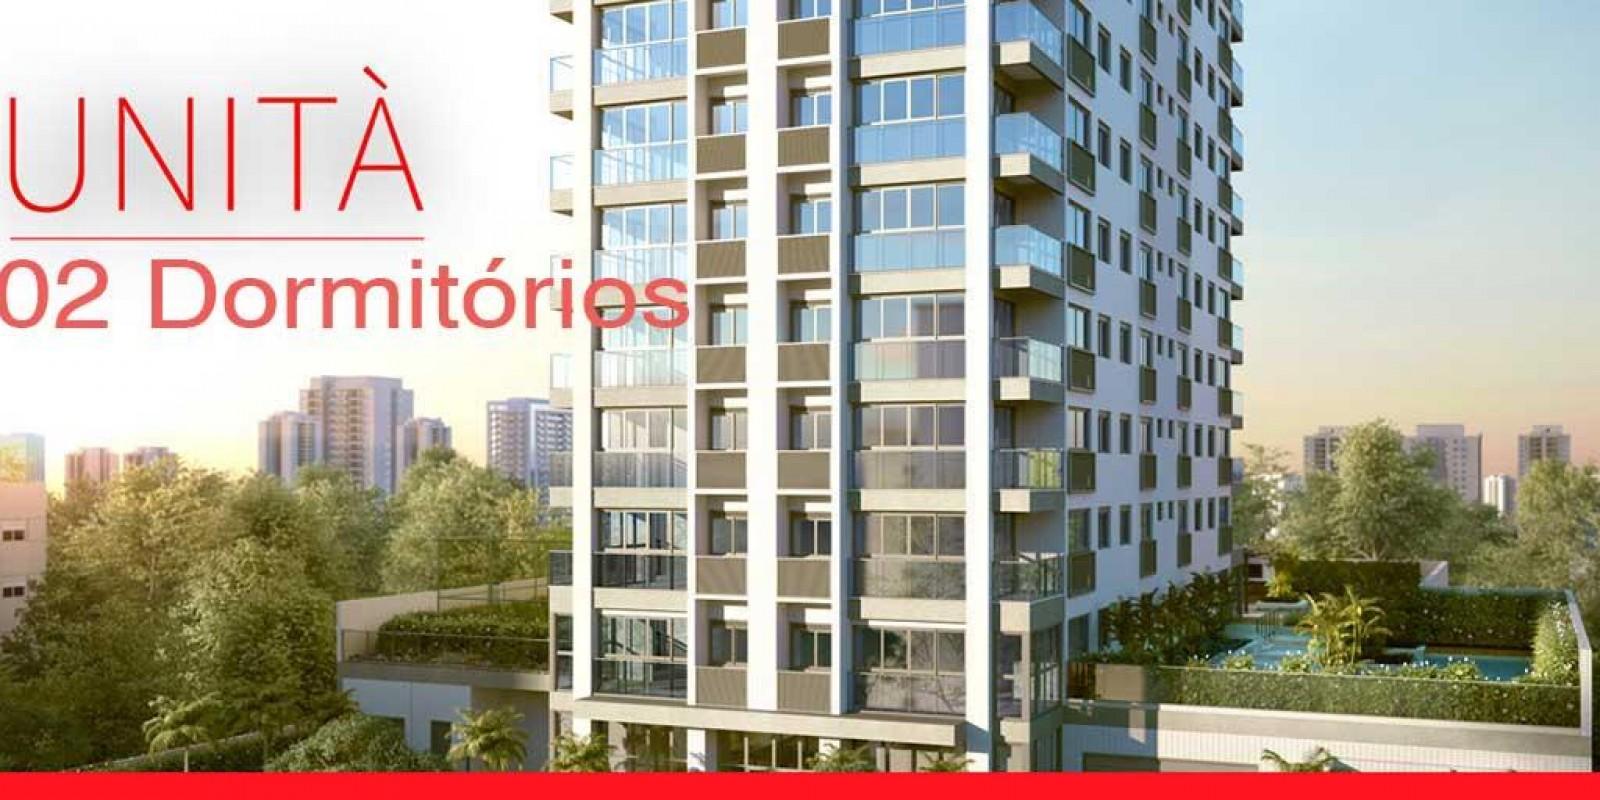 TPS Imóveis apresenta Apartamento A Venda 2 dormitórios Porto Alegre! Excelente imóvel a venda em Porto Alegre